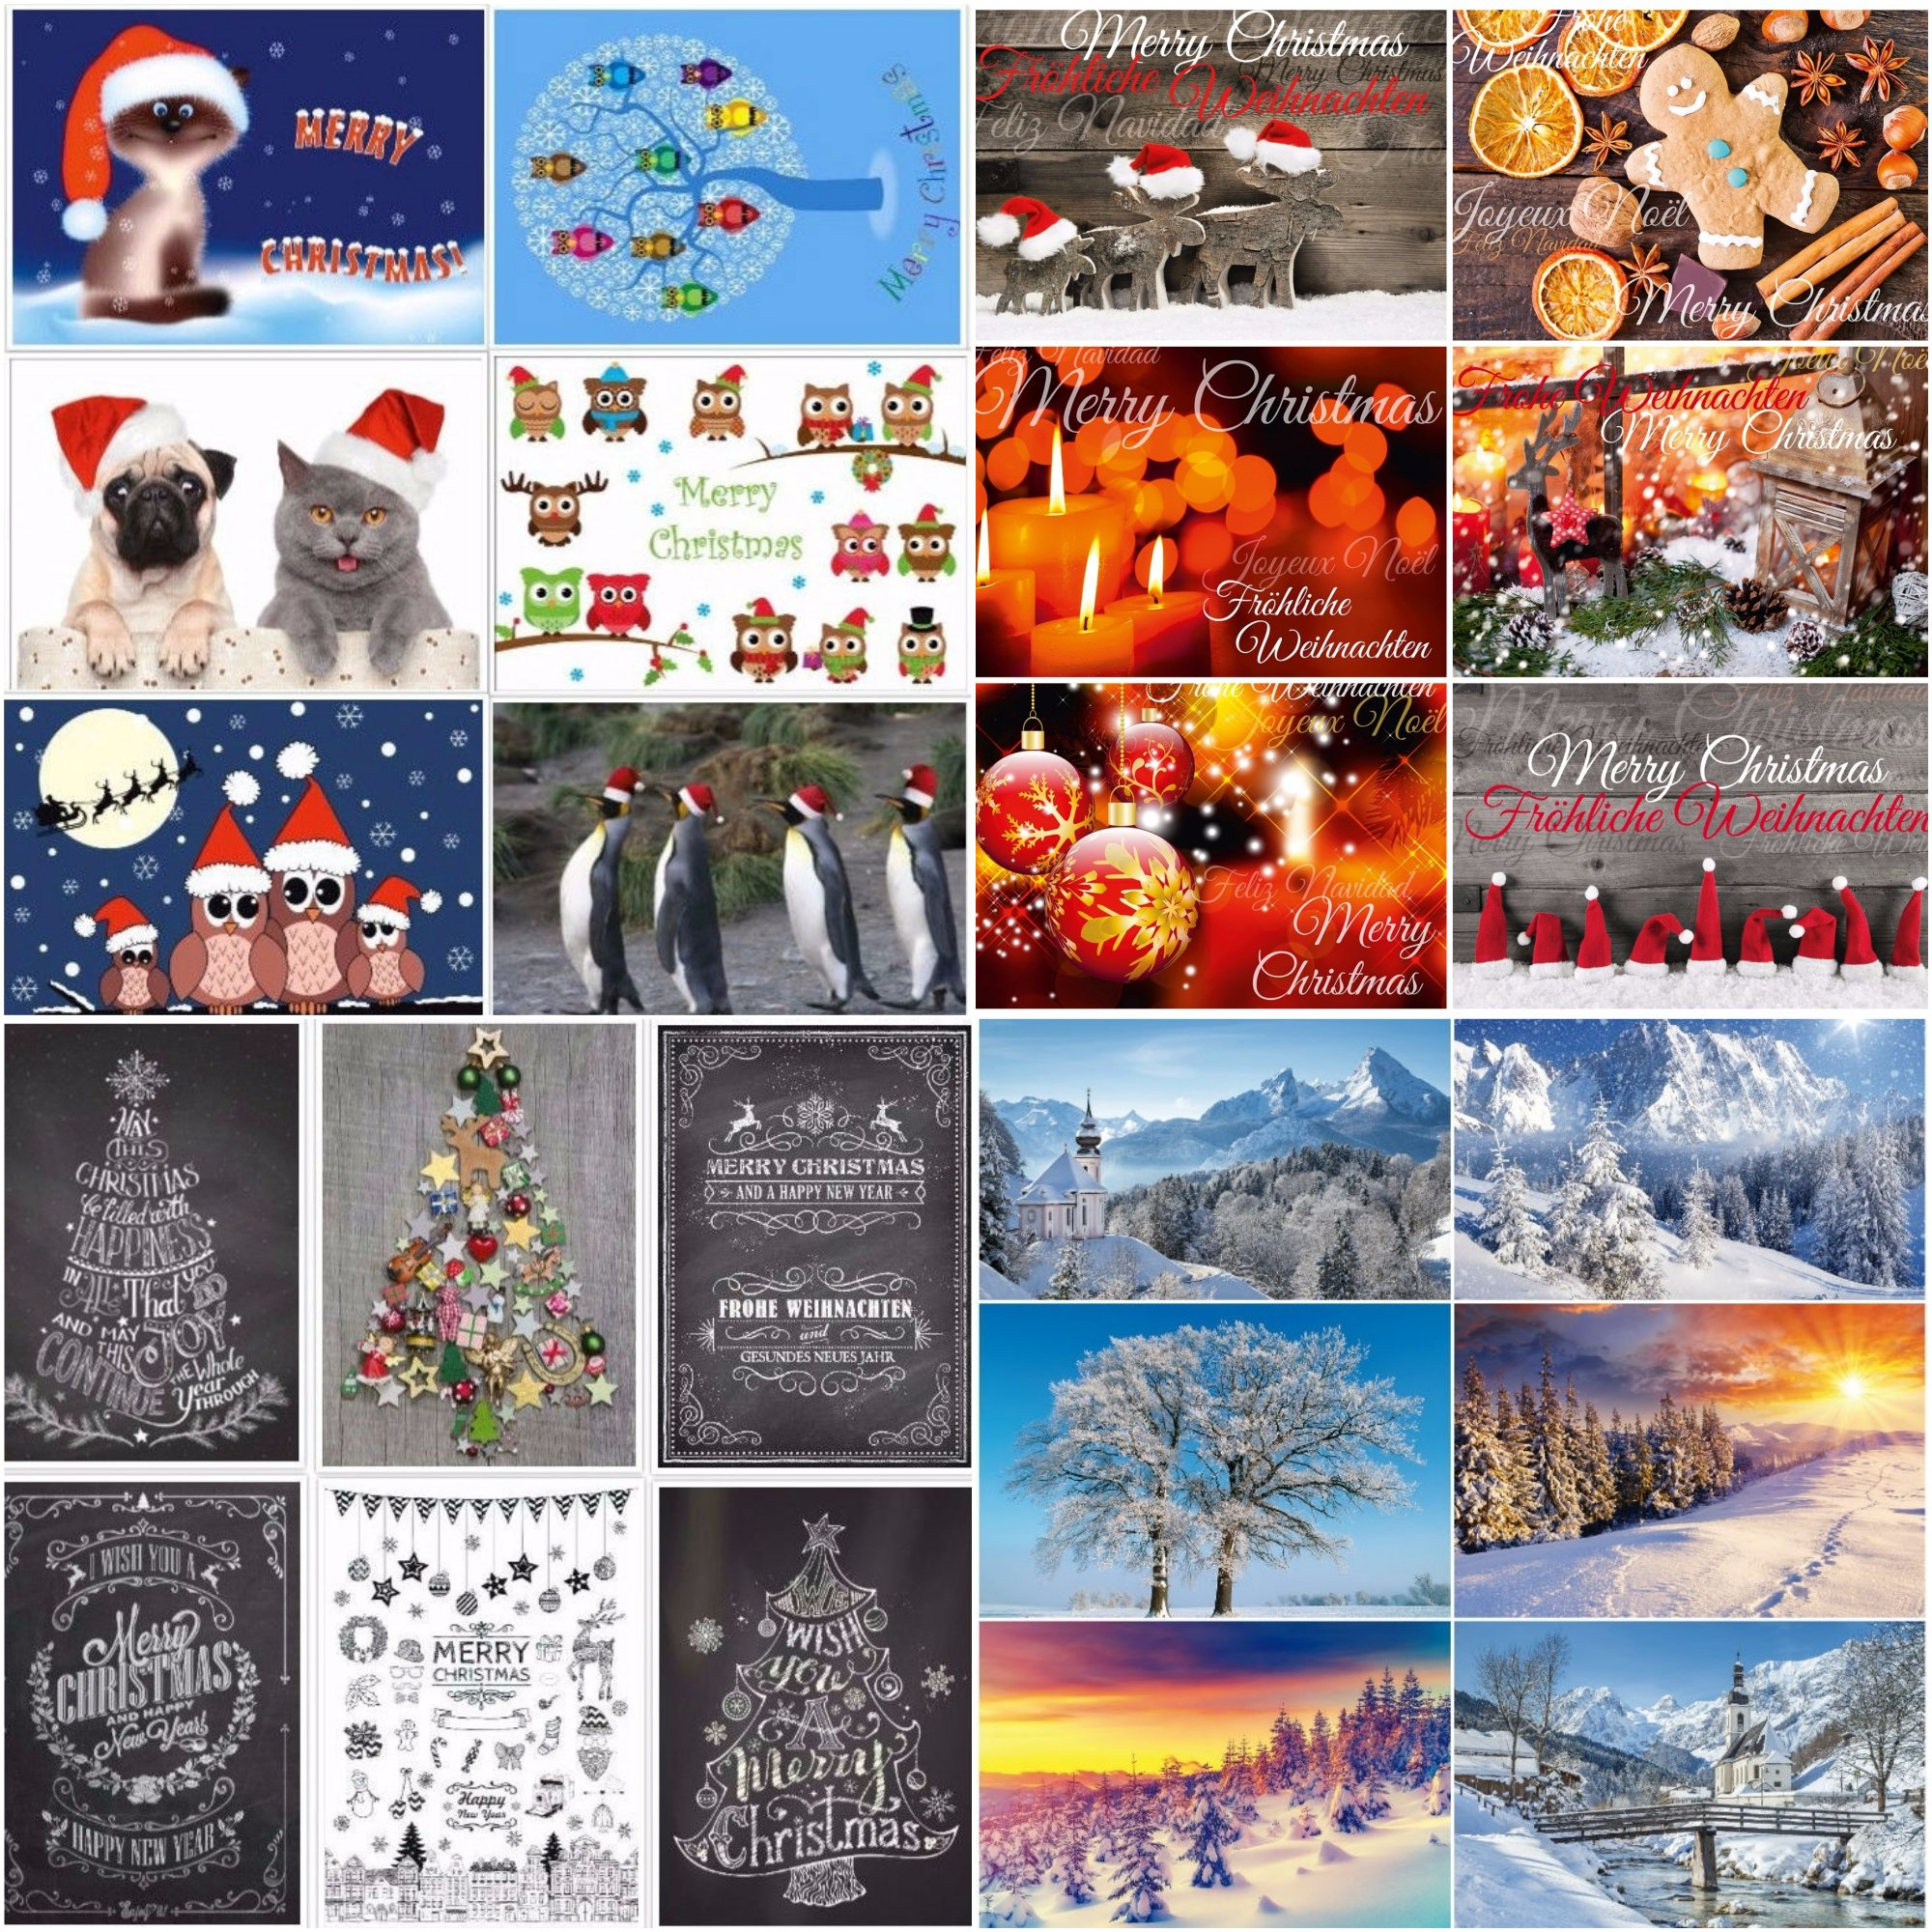 Weihnachtskarten Motive.Weihnachtskarten 24 Motive Ein Bunter Mix Aus Nostalgie Karten Grusskartenkaufen De